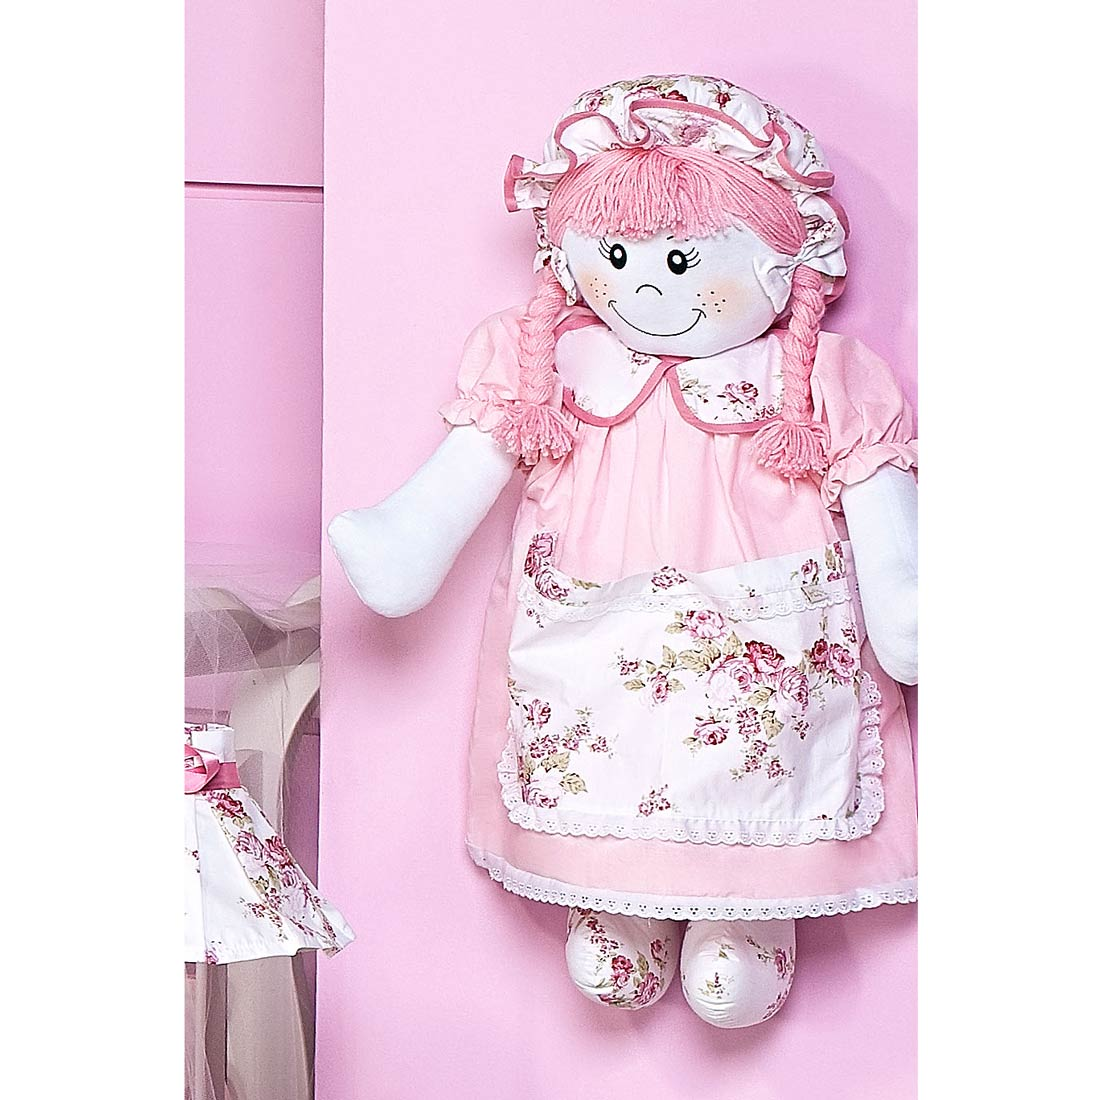 Porta Fraldas Boneco - Coleção Cristal Baby - Rosa - 70cm alt.